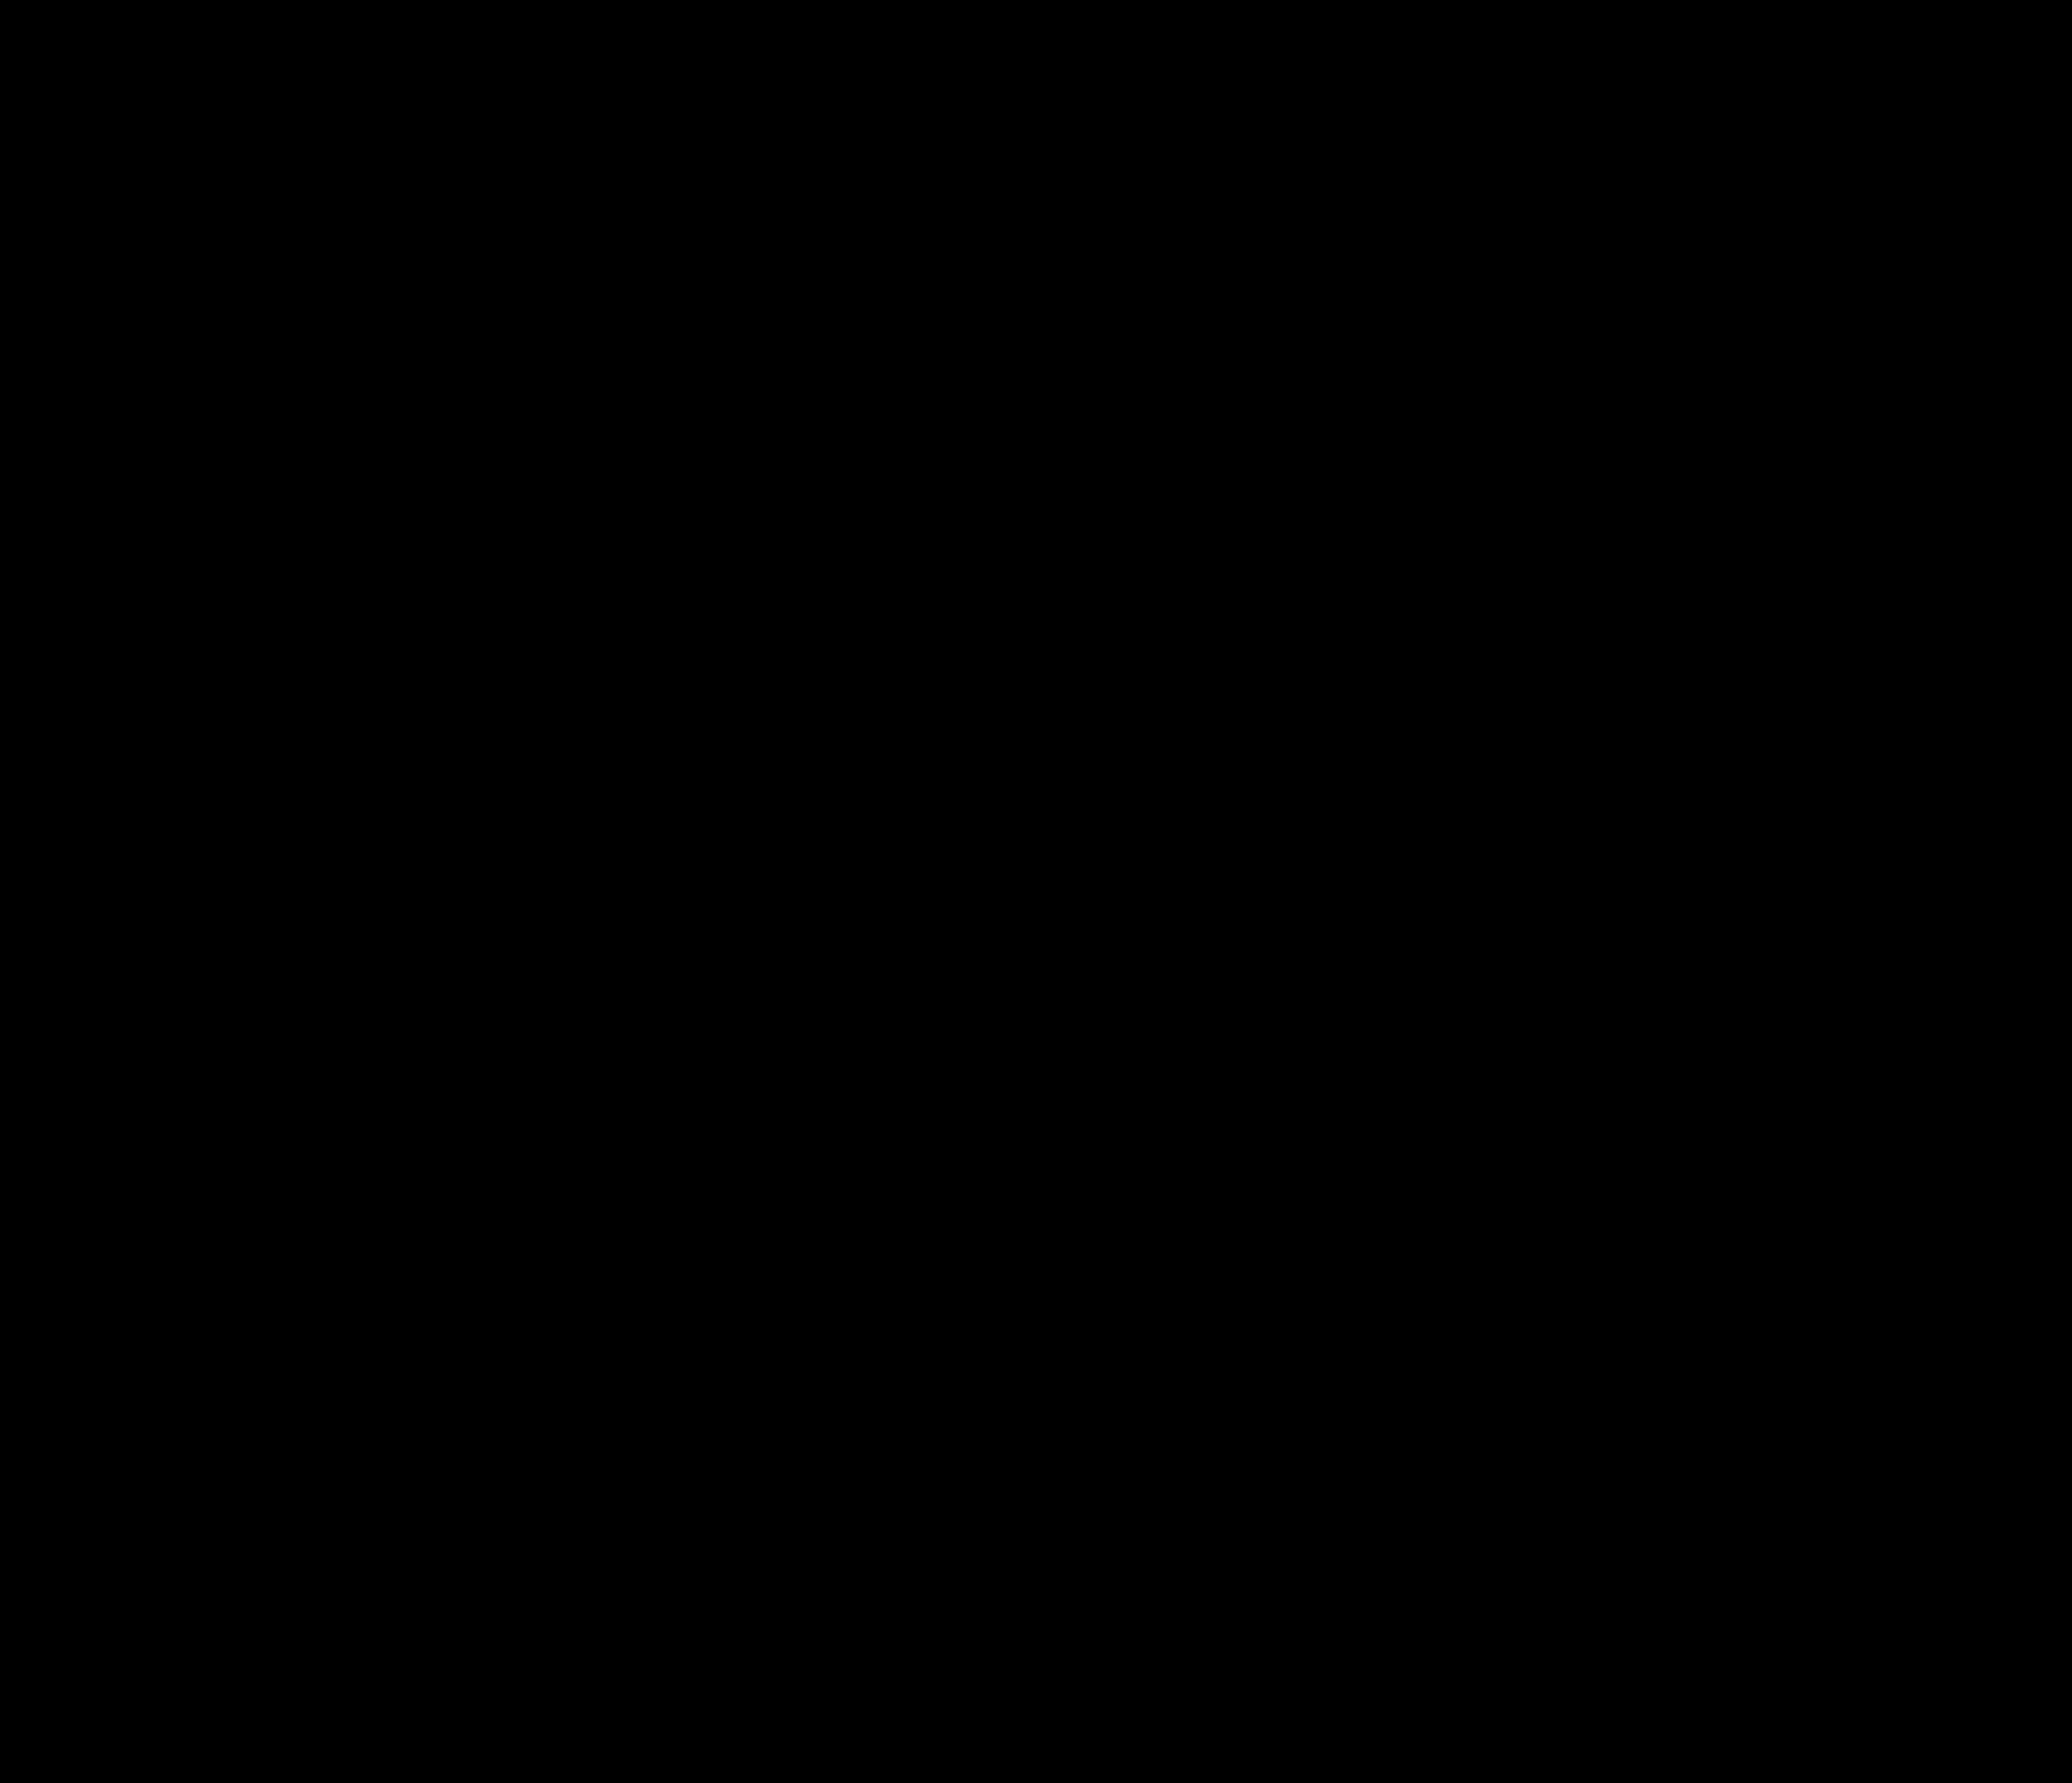 2278x1960 Unicorn Silhouette Clipart